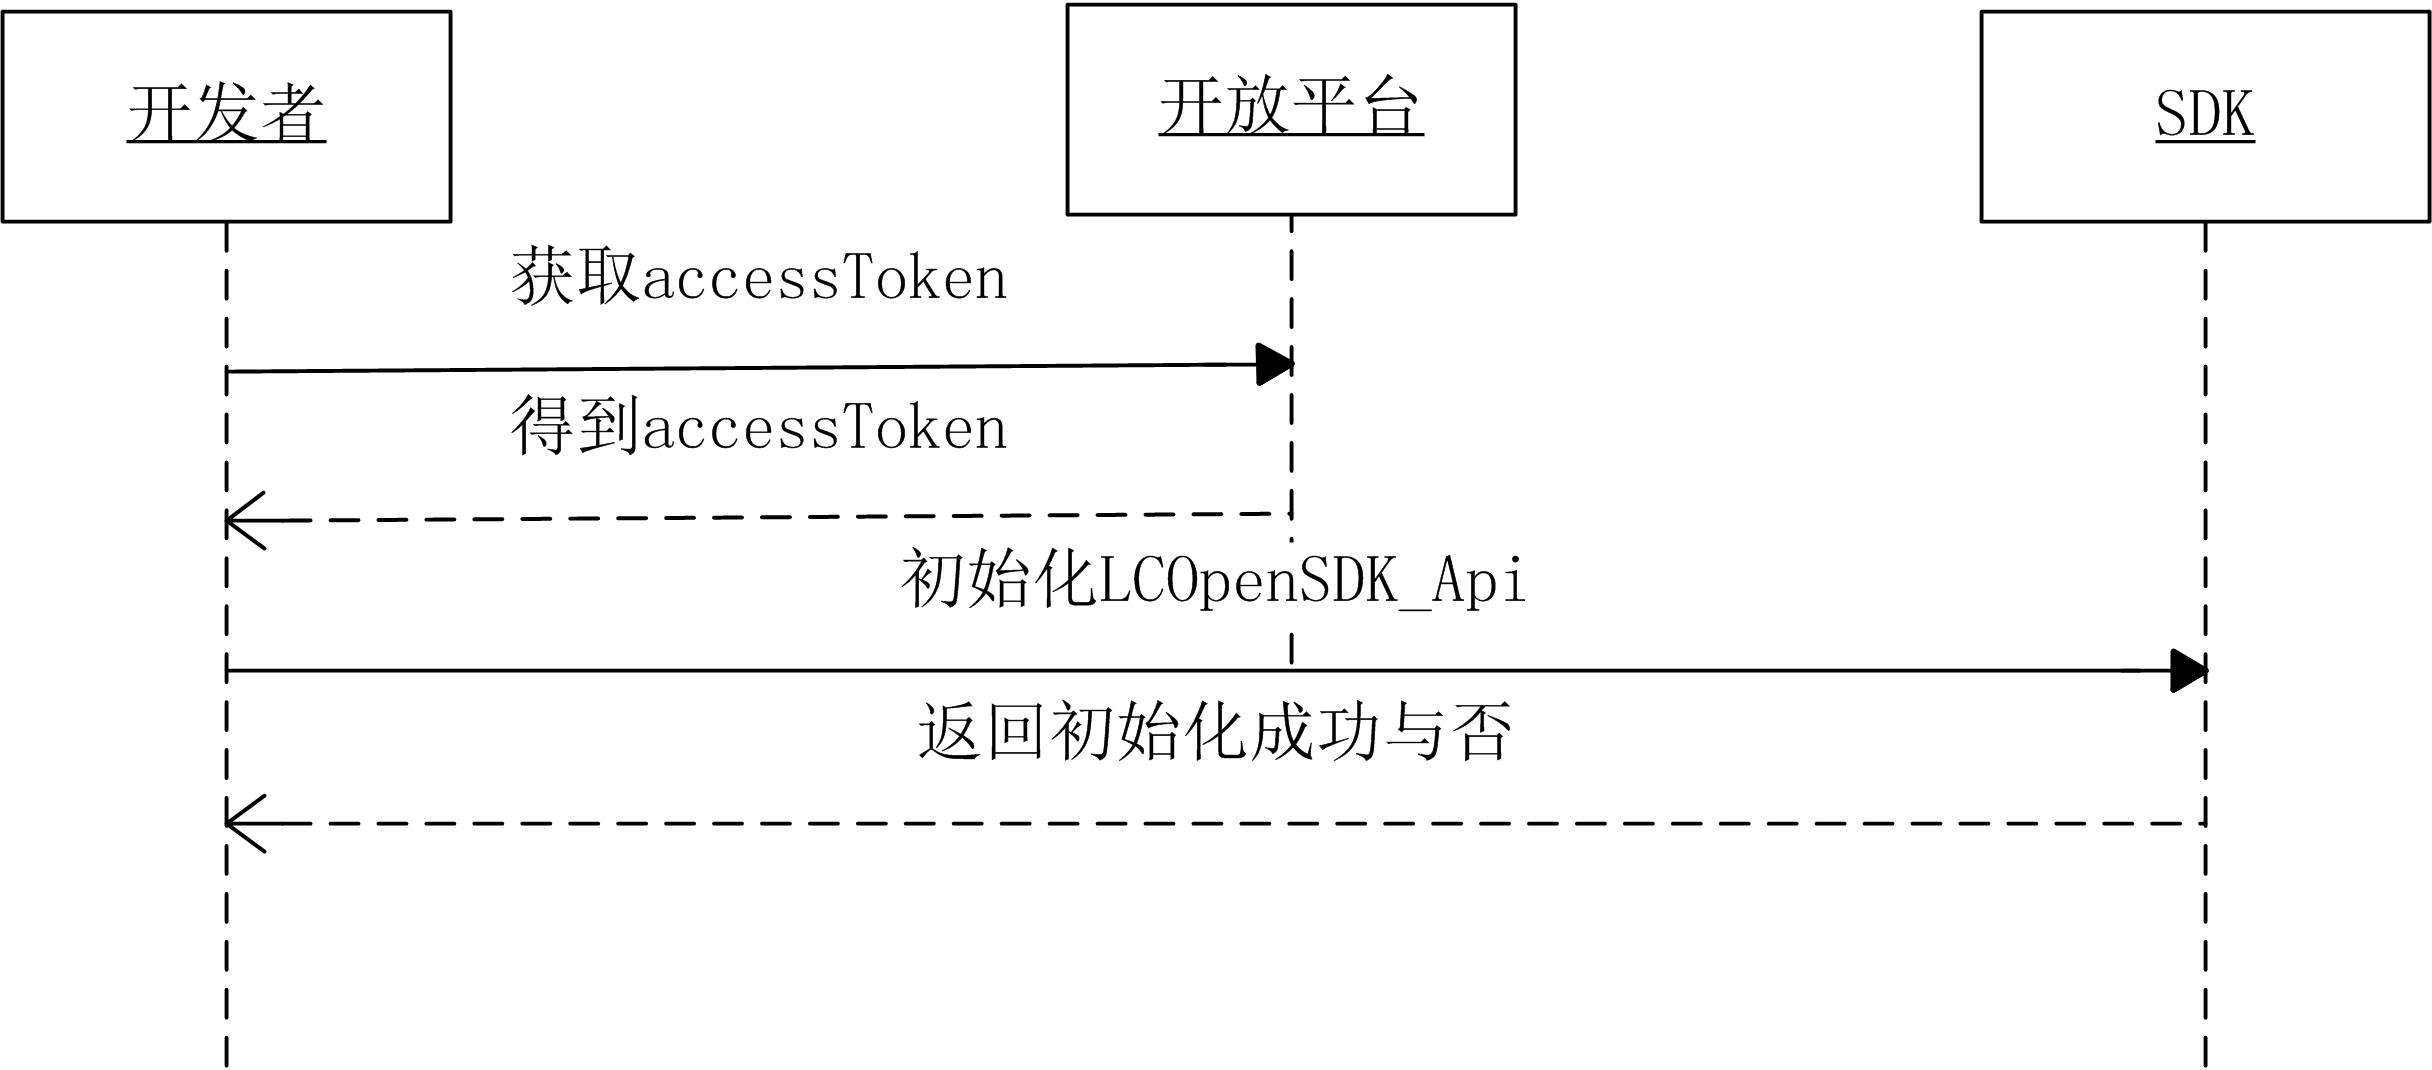 OpenSDK初始化